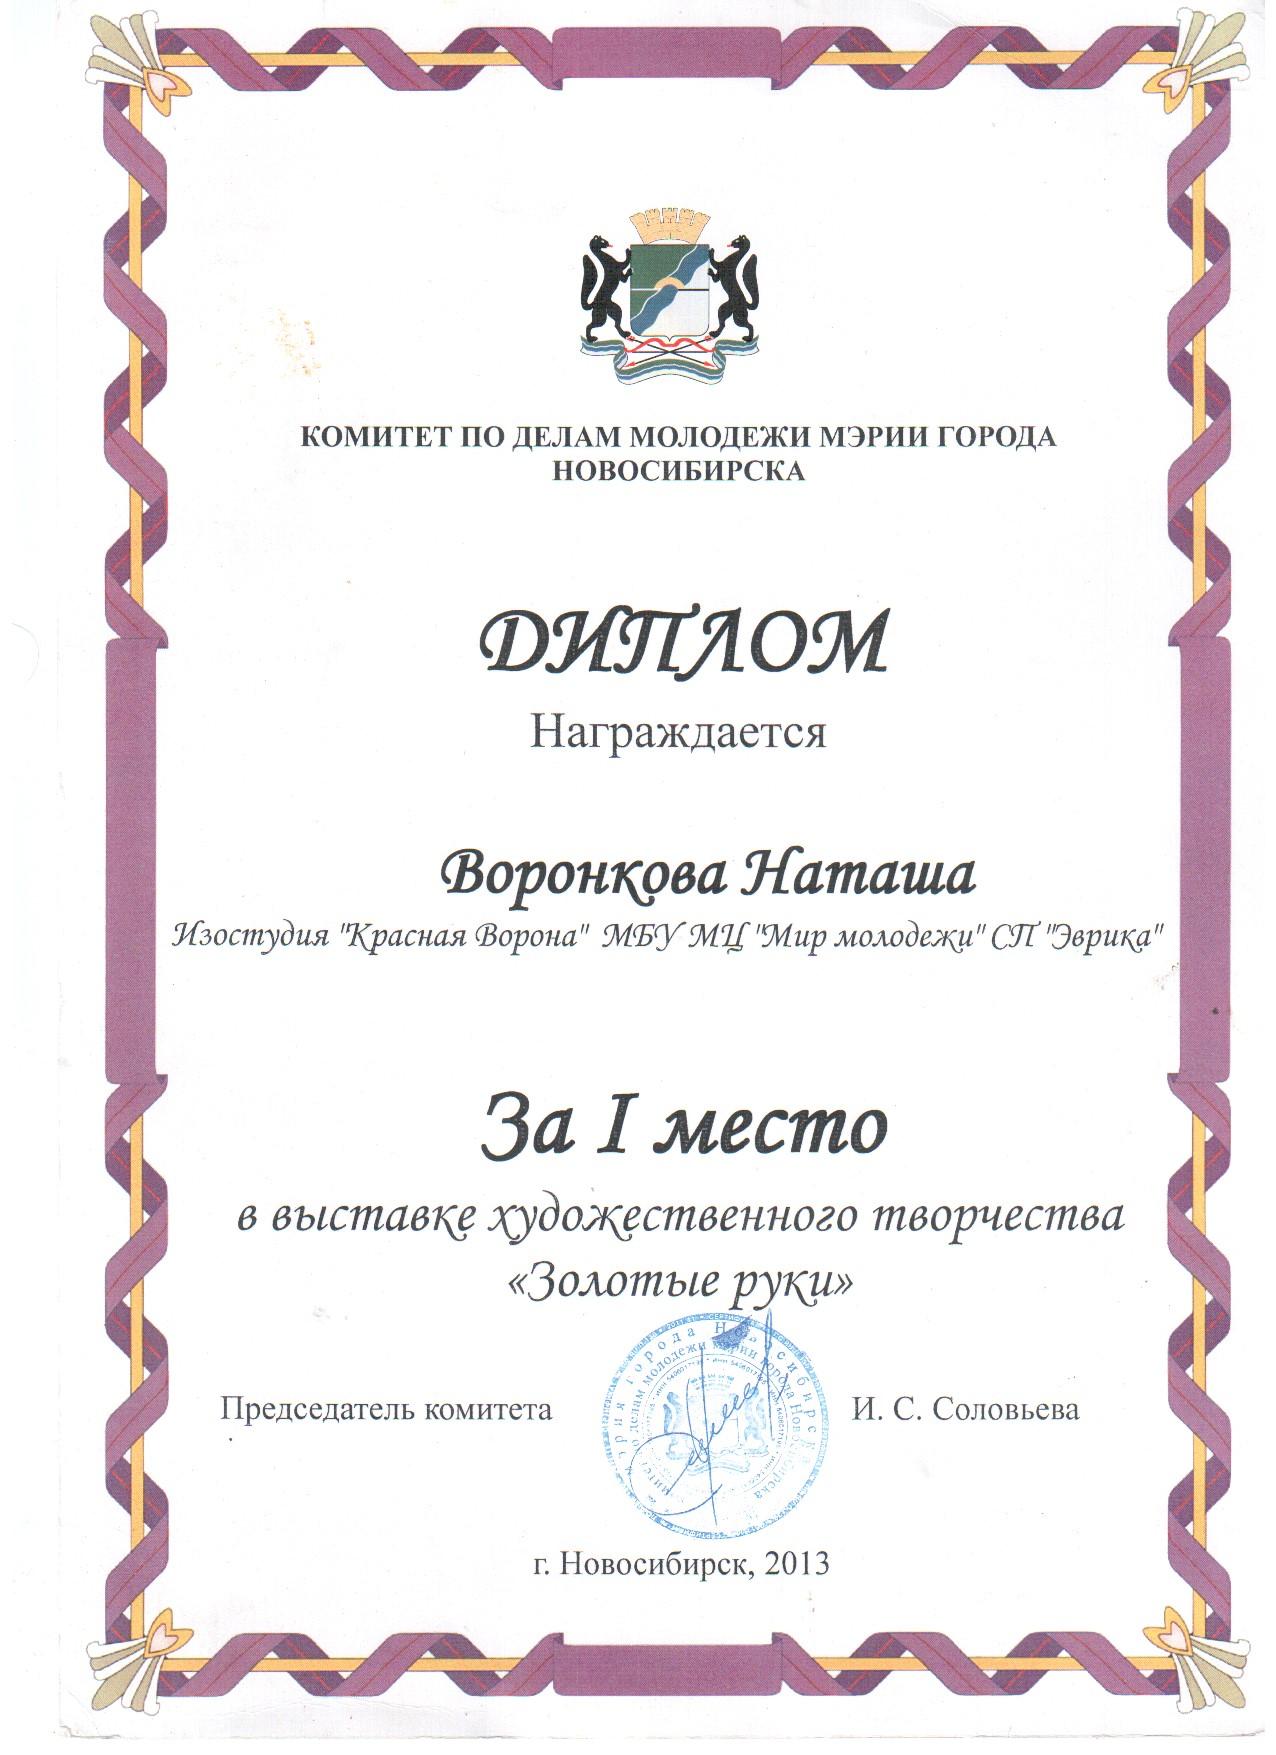 Новосибирск-2013